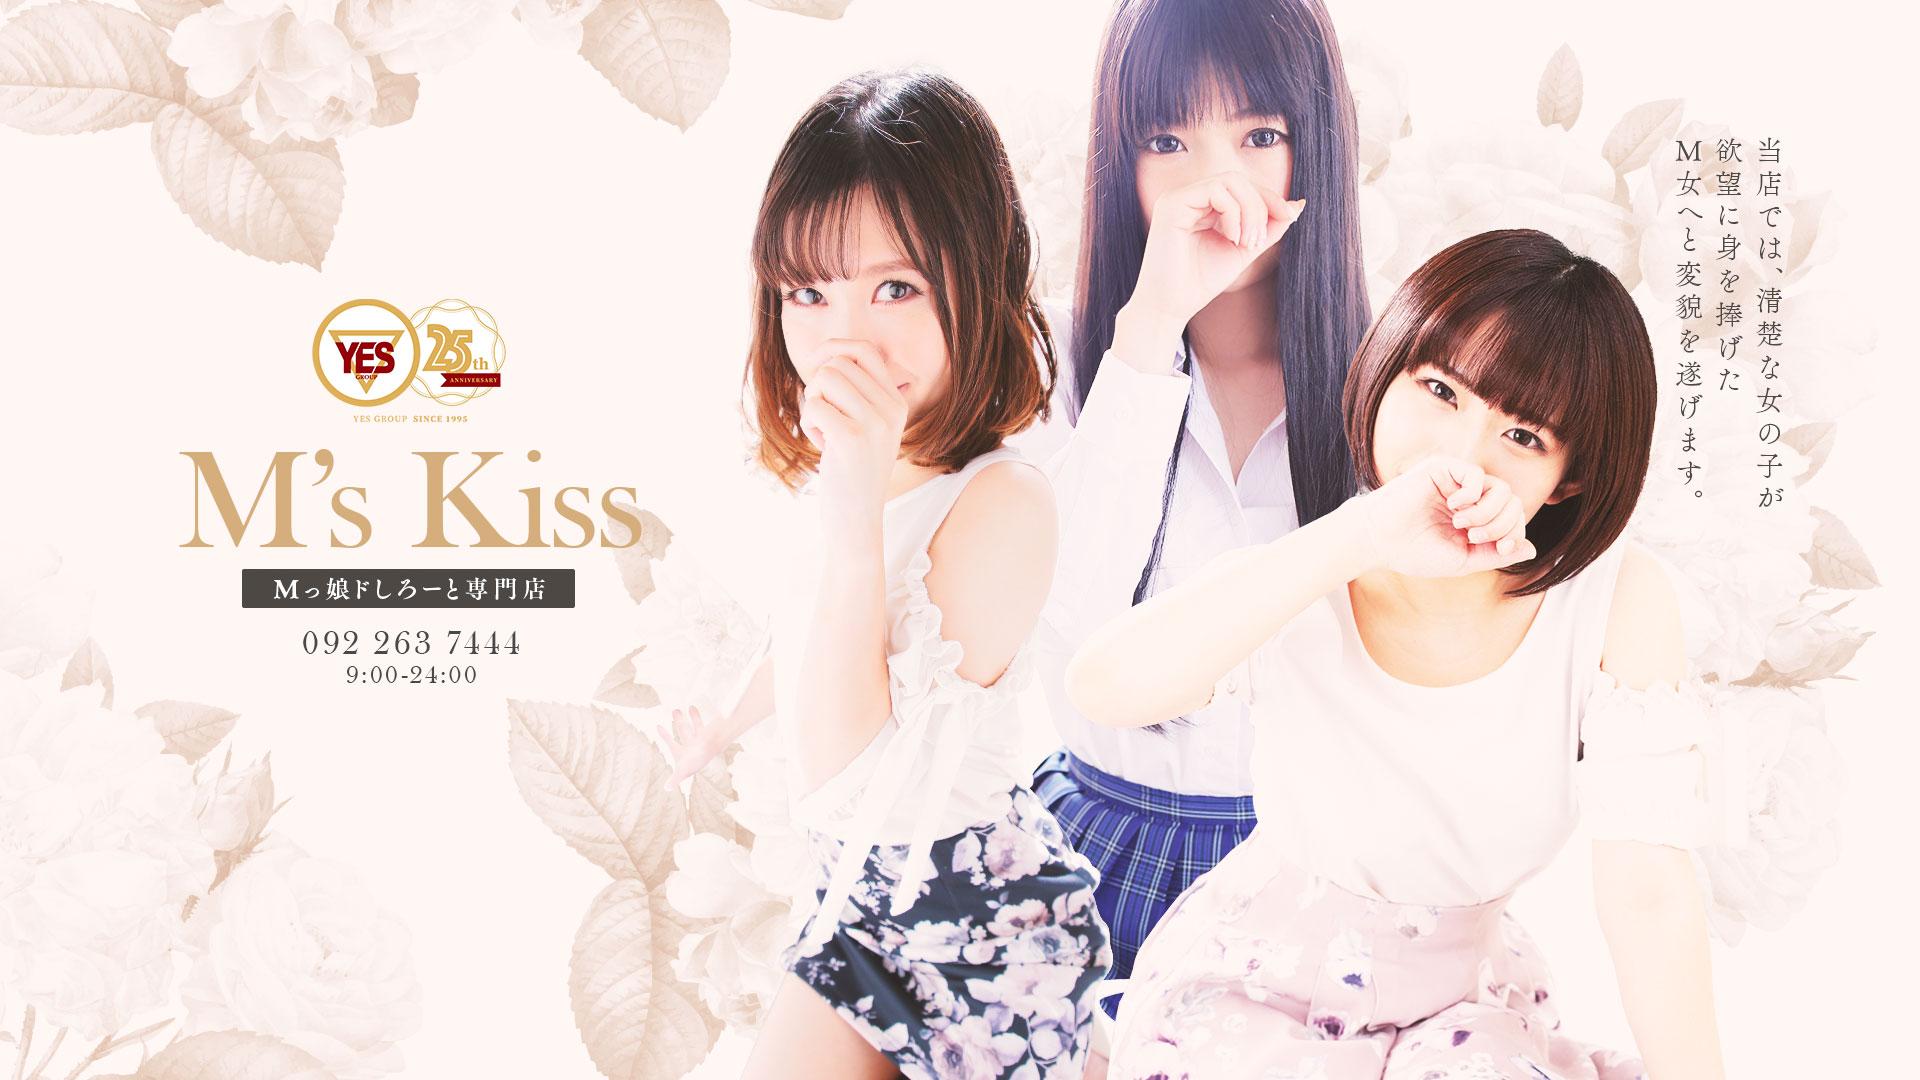 中州 ファッションヘルス イエスグループ福岡 Ms Kiss(エムズキッス)